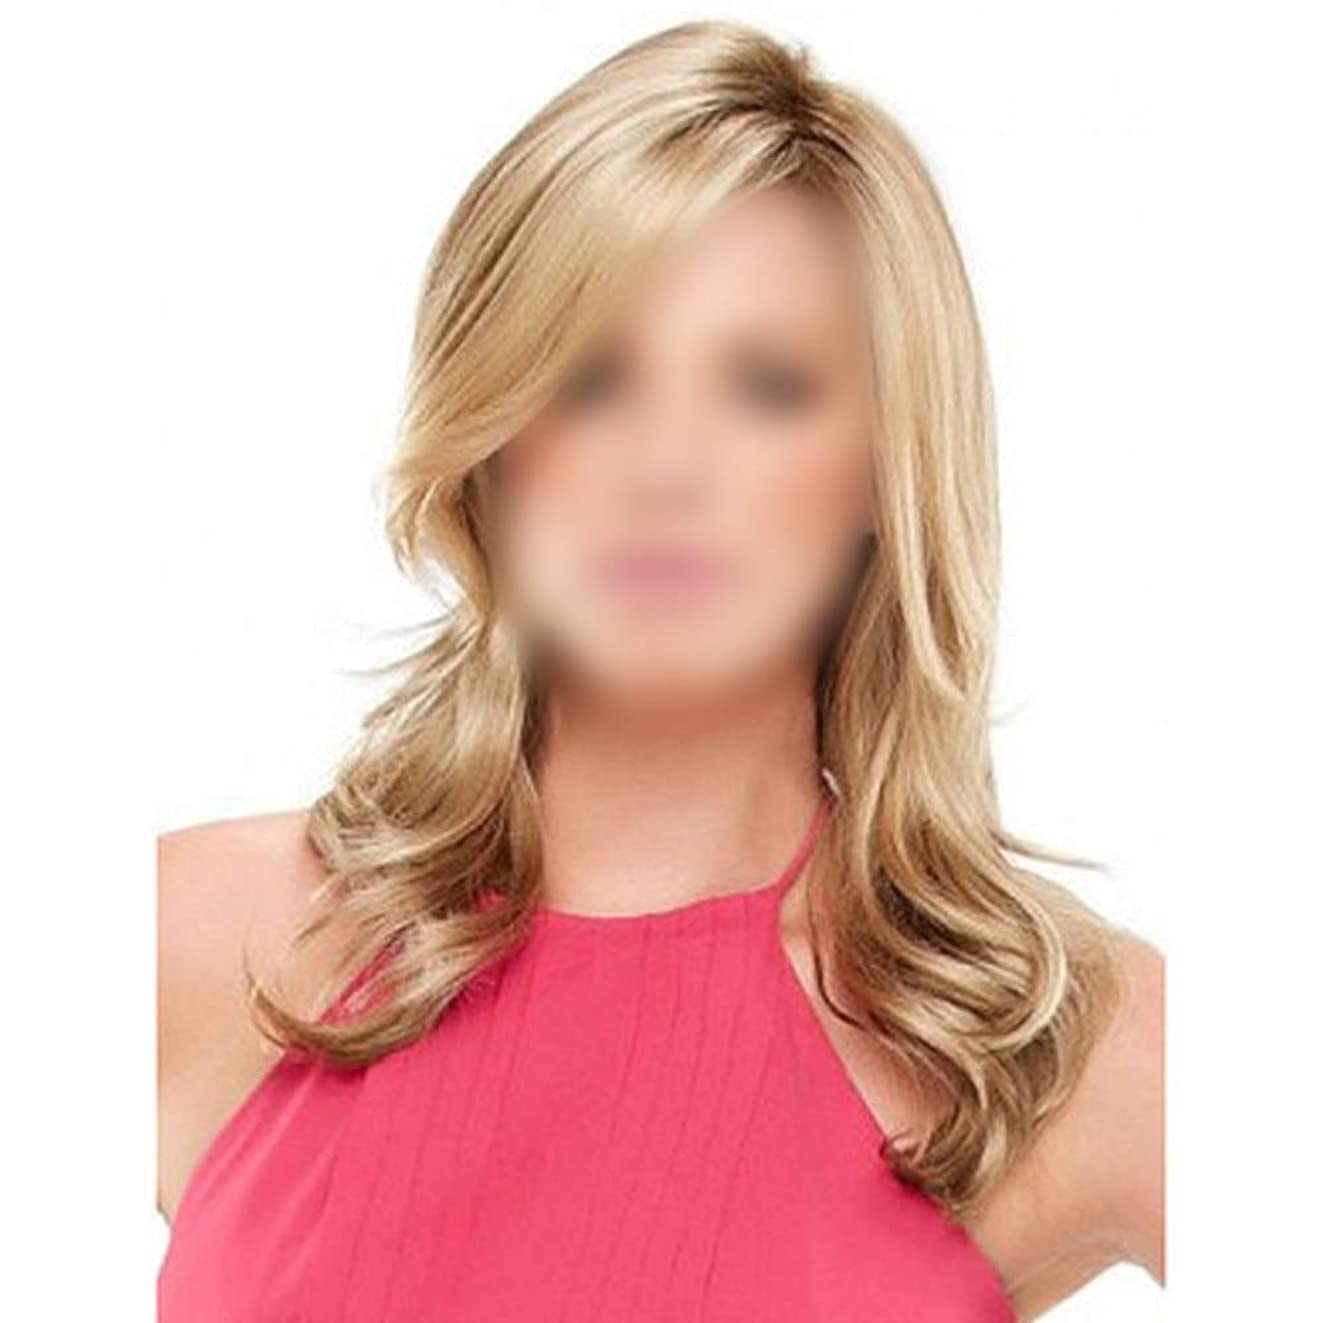 ハプニング計器信頼性YESONEEP 女性の毎日のドレスのための斜め前髪付きの長い波状の巻き毛のかつら耐熱ファイバーパーティーウィッグ (色 : Blonde, サイズ : 70cm)